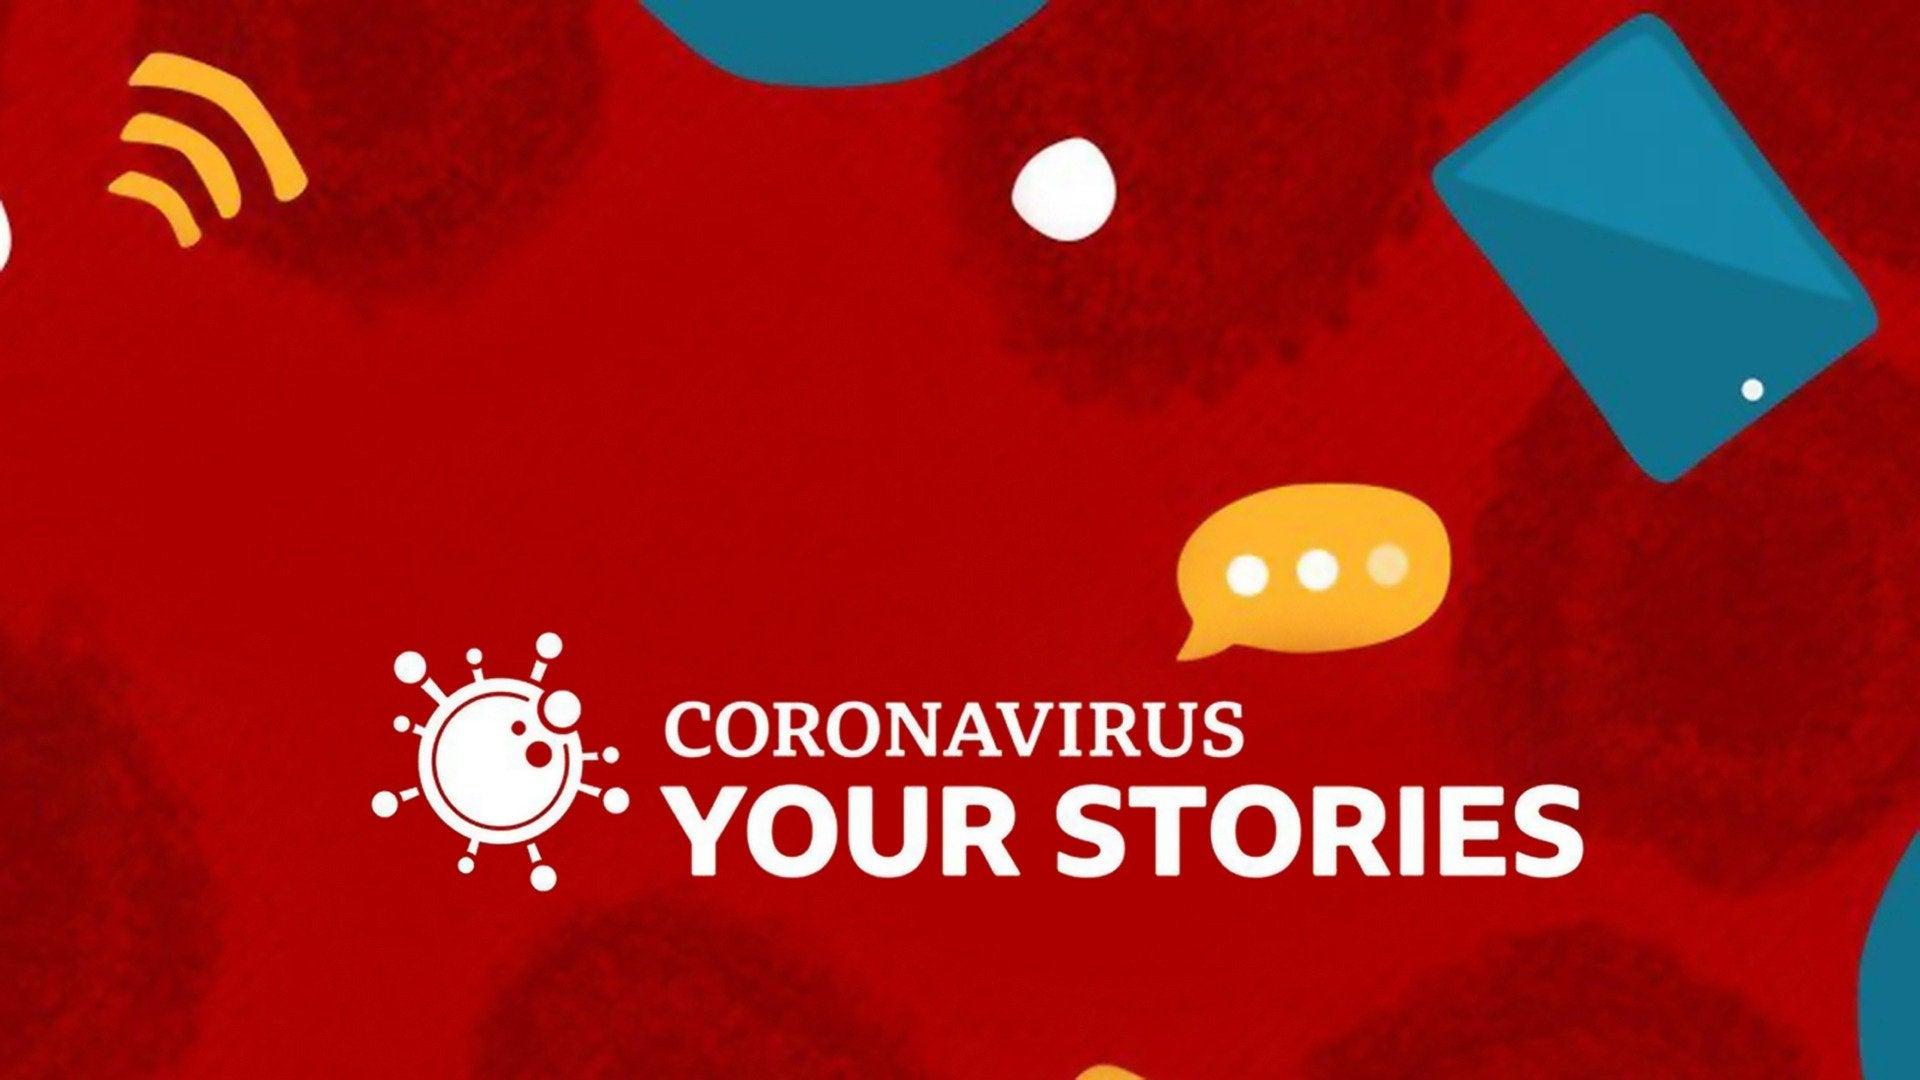 Coronavirus: Your Stories